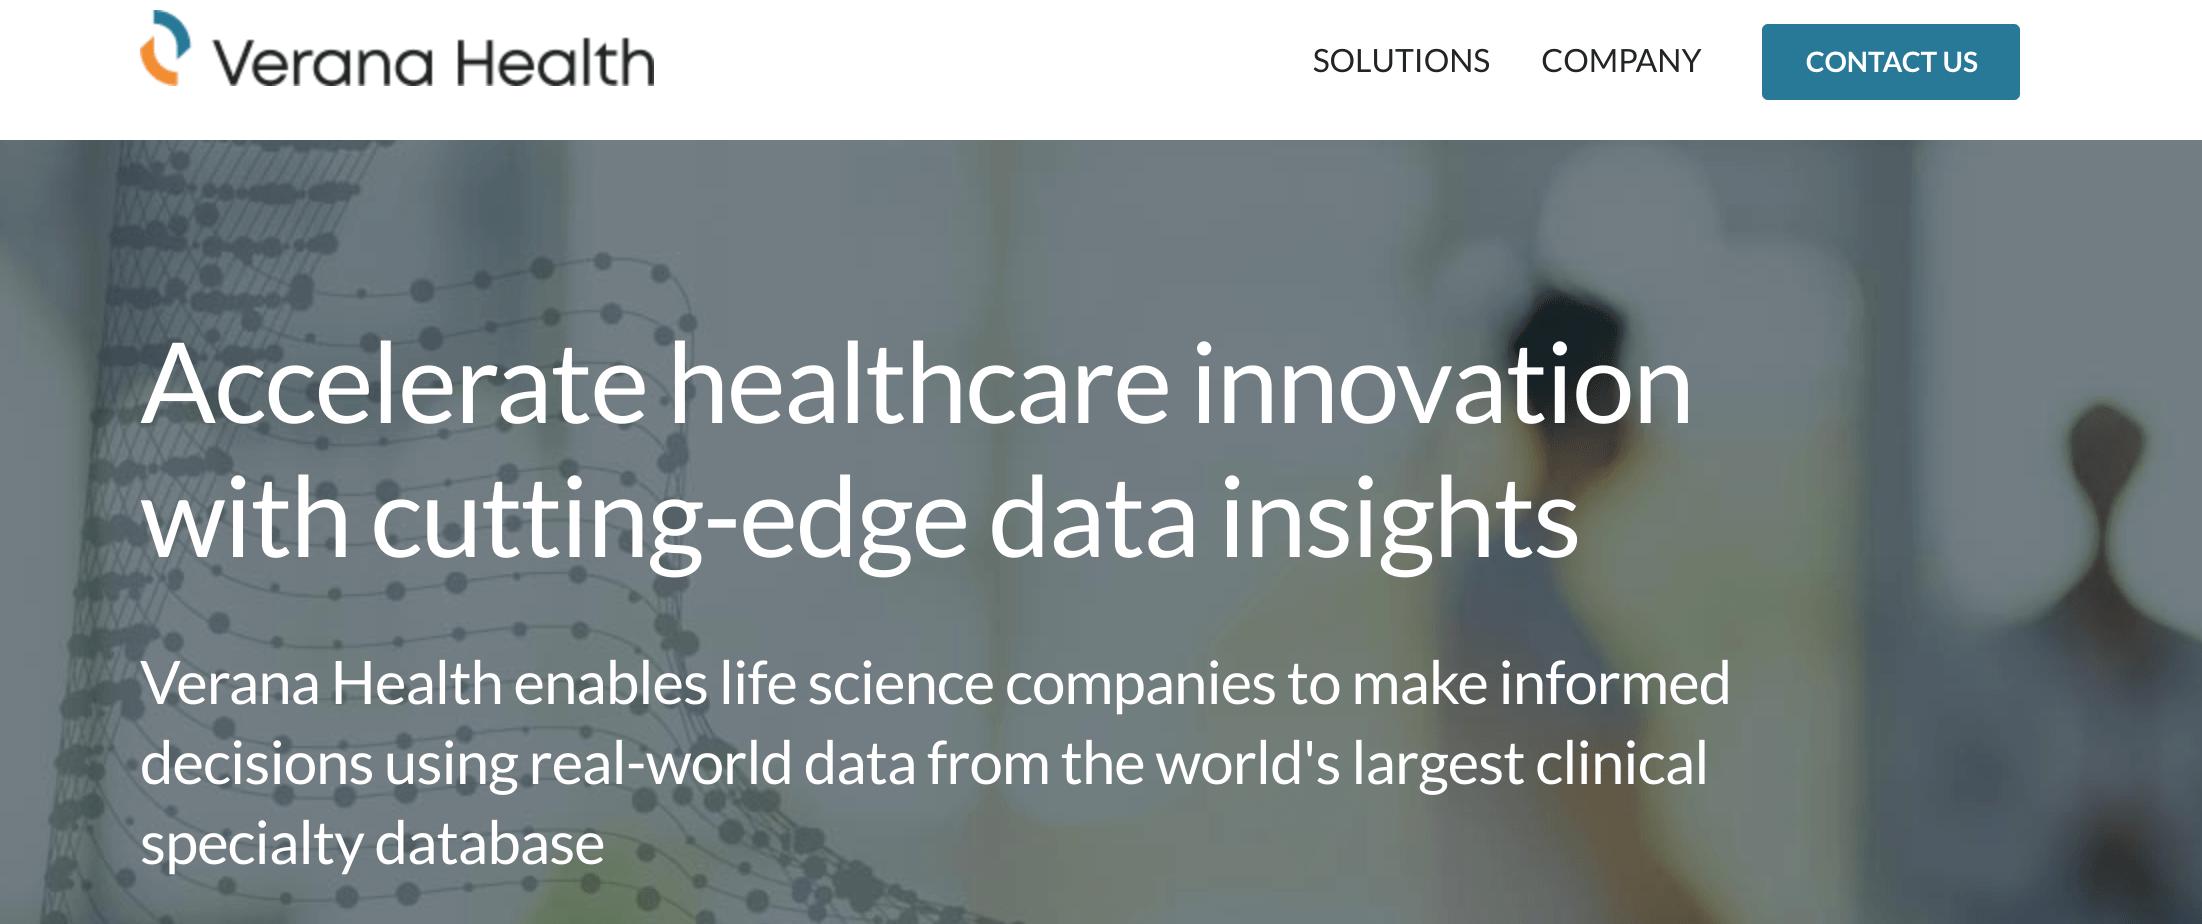 Verana Health Lands $30M for EHR Integrated Data Platform for Life Sciences